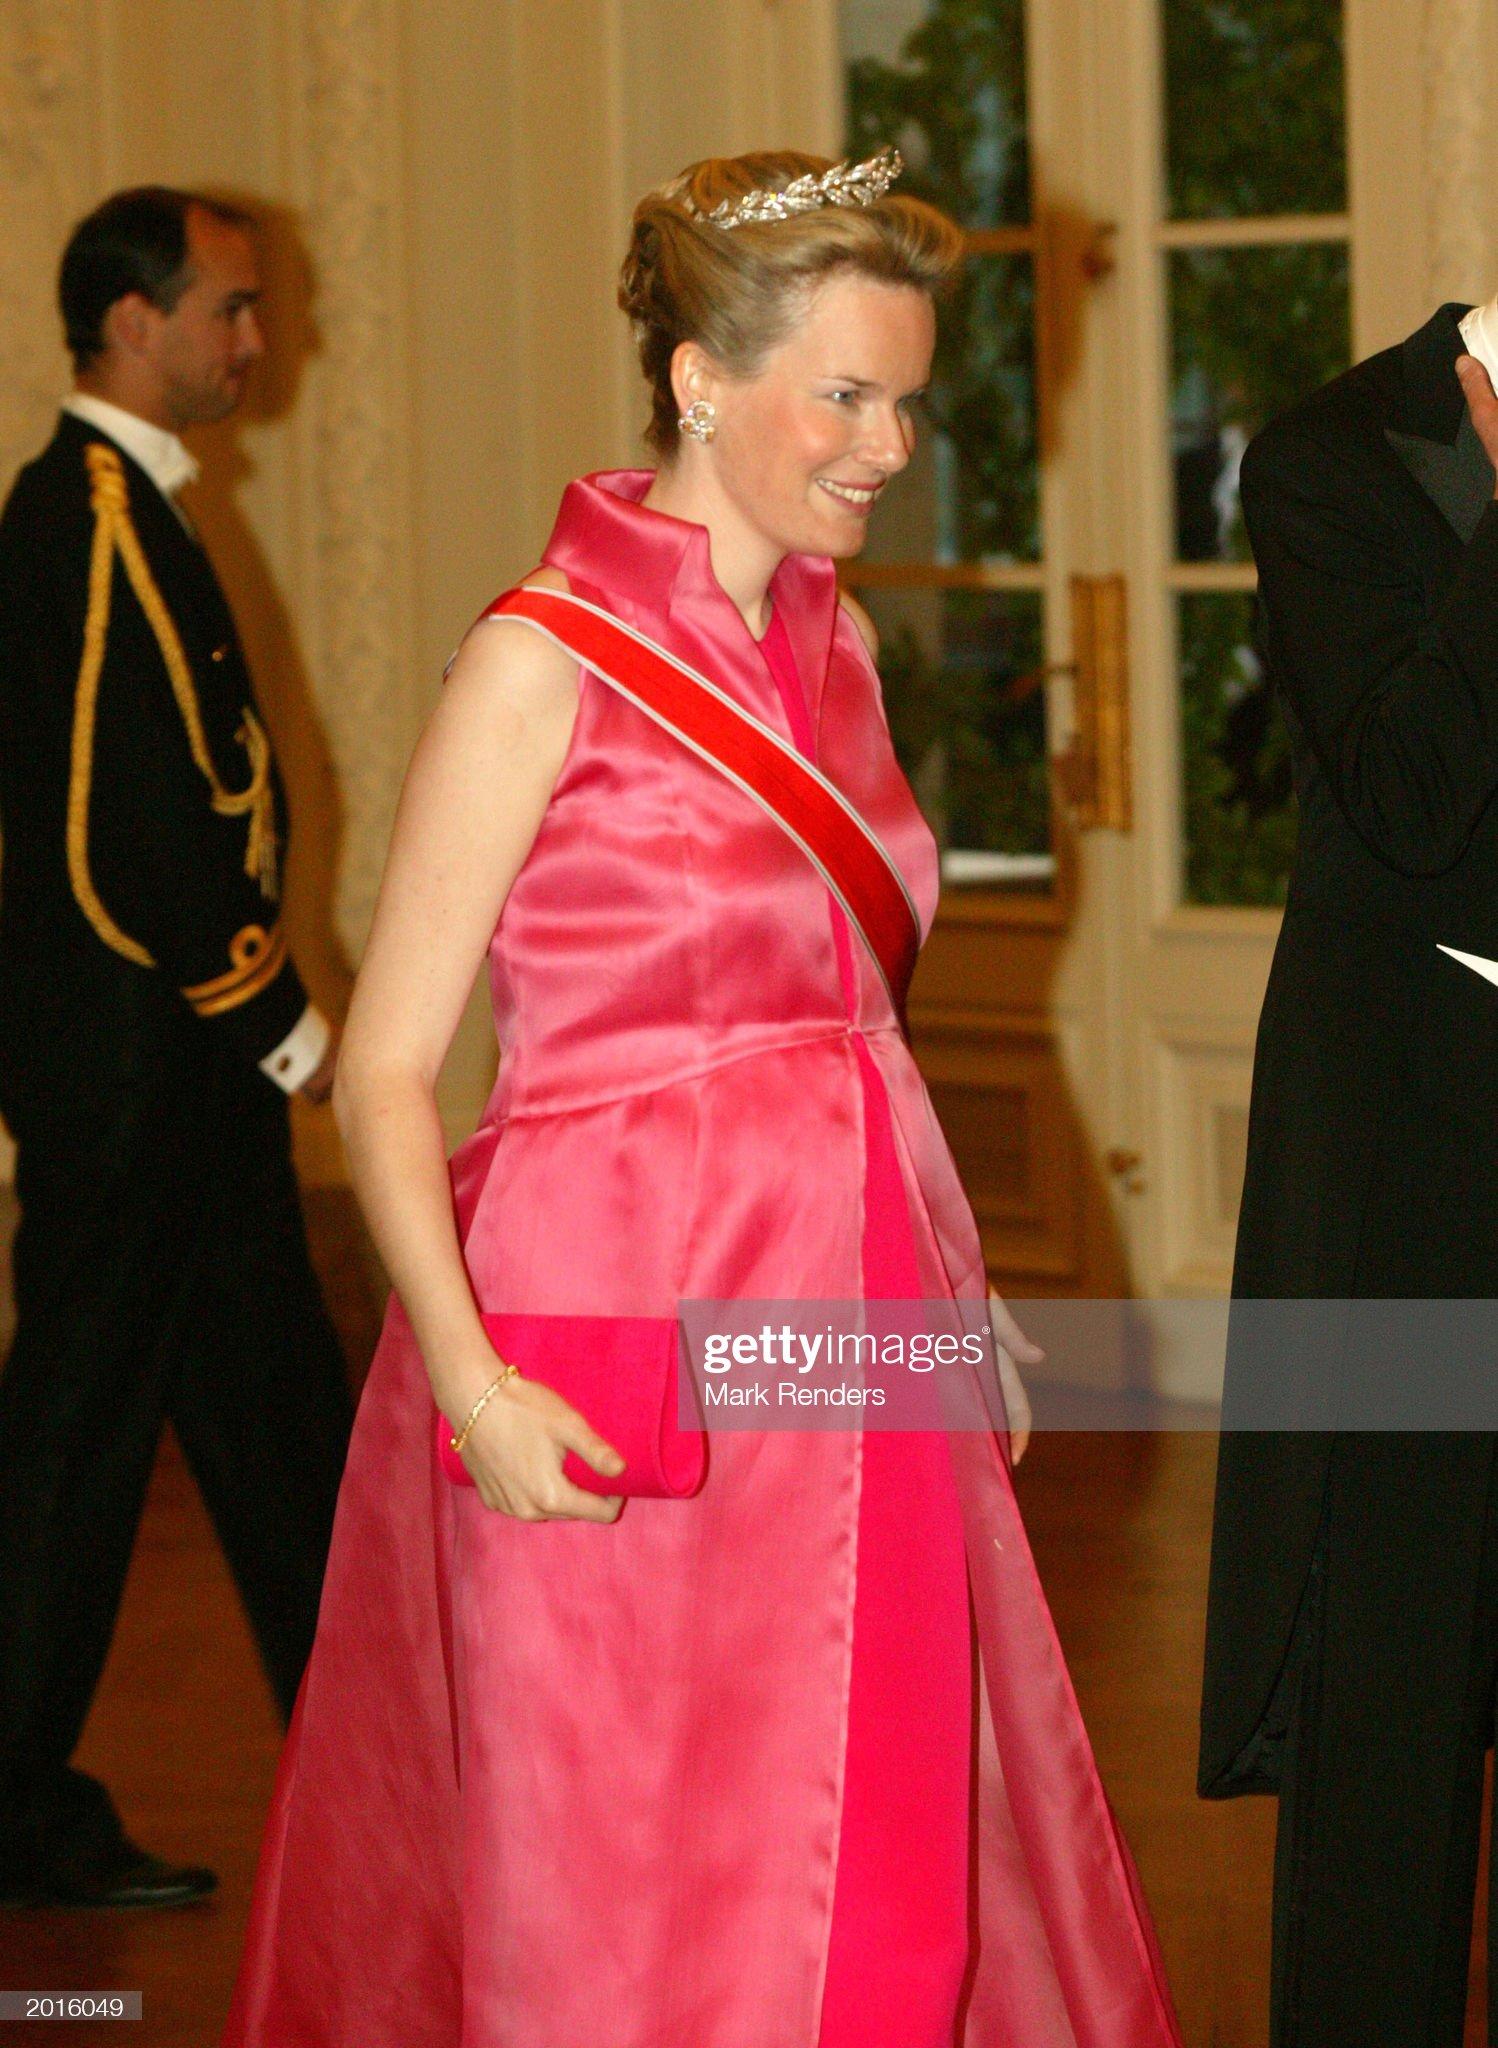 Вечерние наряды Королевы Матильды Norwegian Royals Make State Visit To Belgium : News Photo